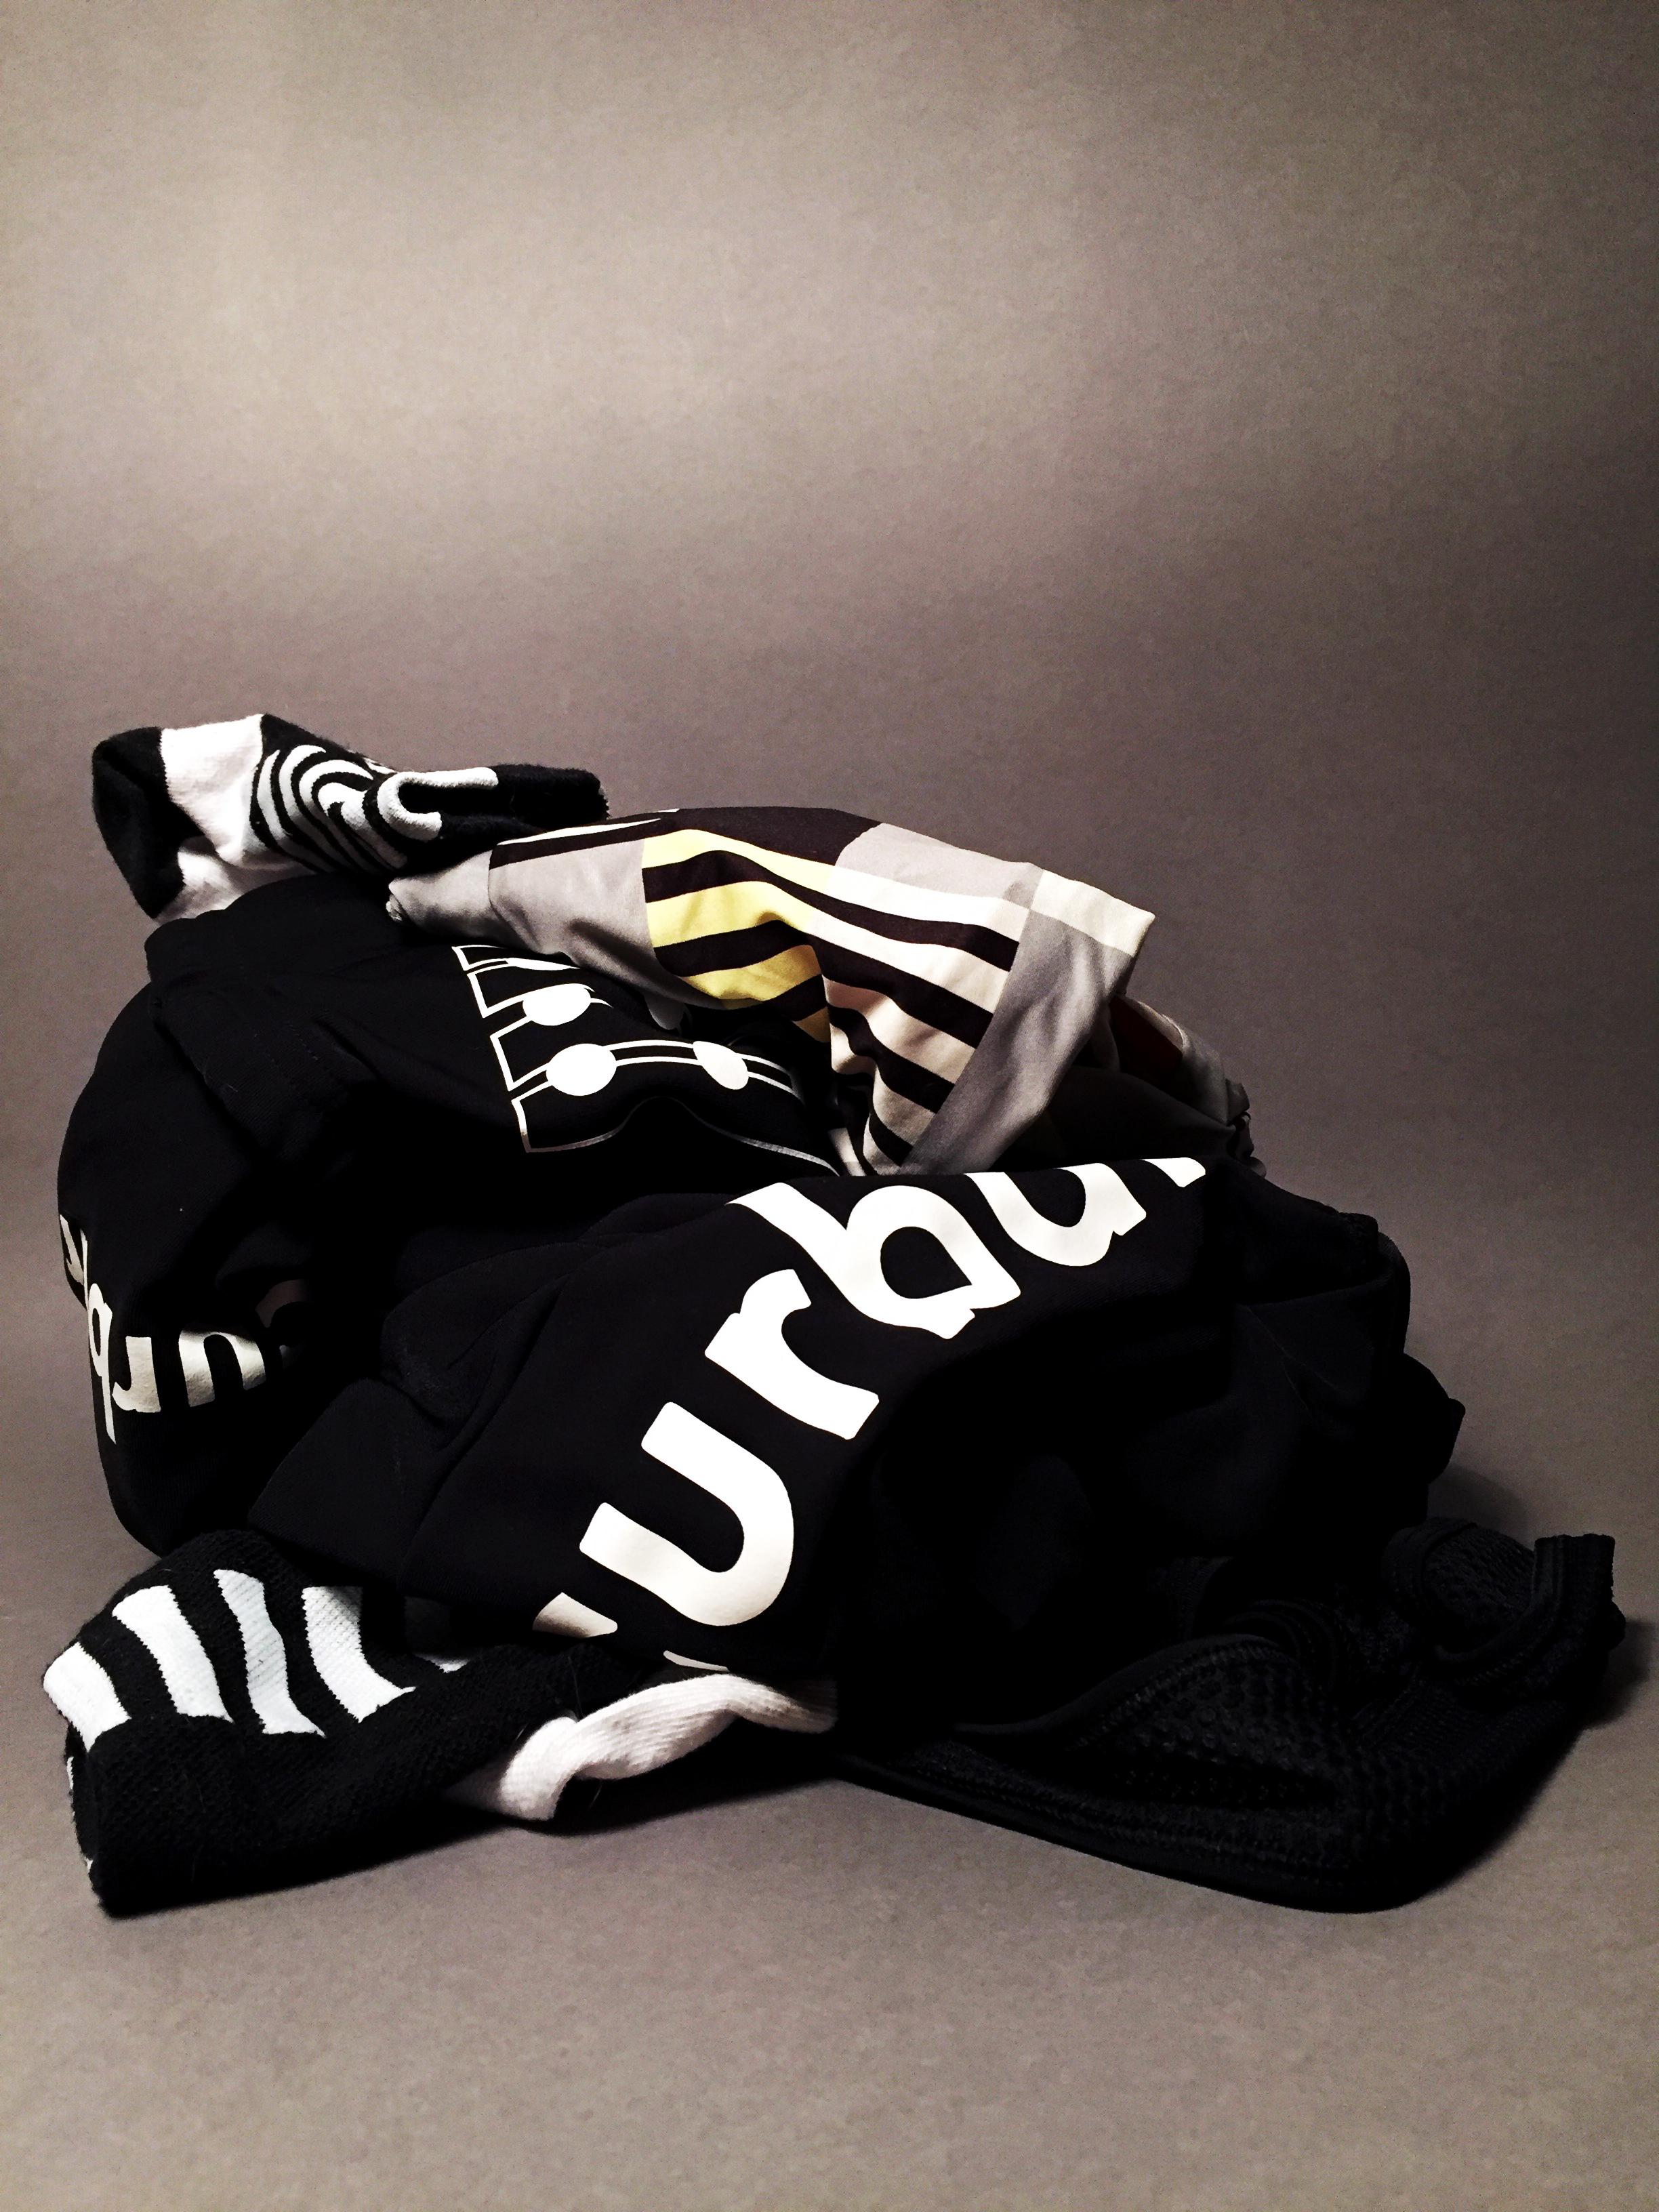 ls endurance jersey ,  ss comb jersey,   classic bib tights ,  comb socks